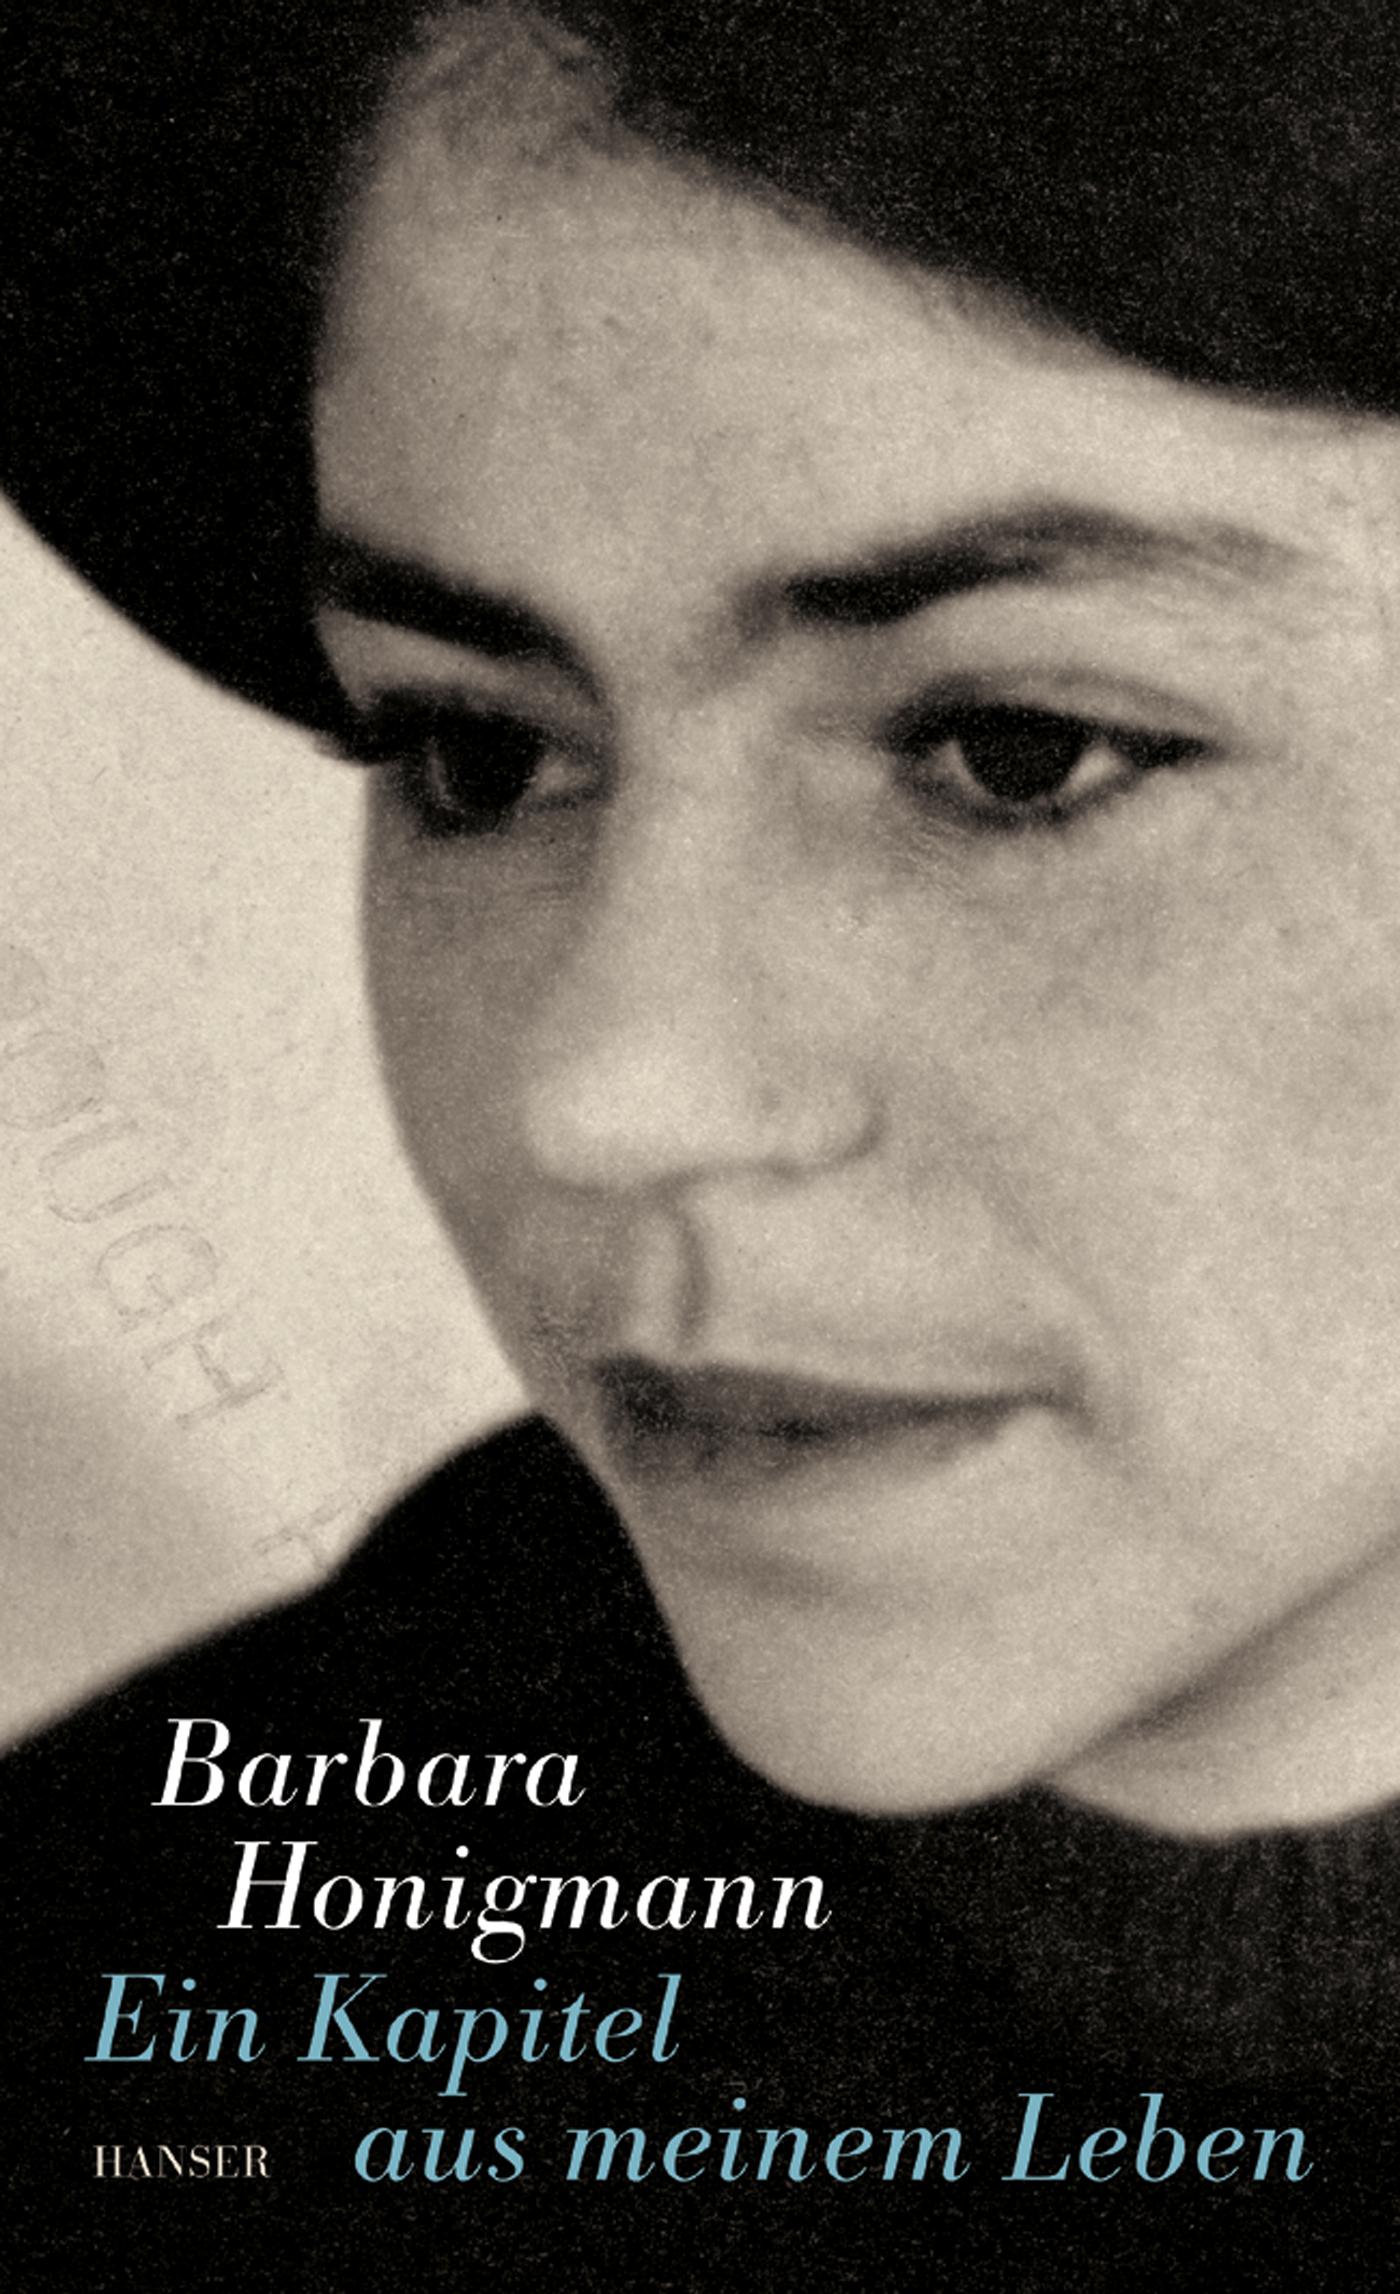 Ein Kapitel aus meinem Leben - Barbara Honigmann